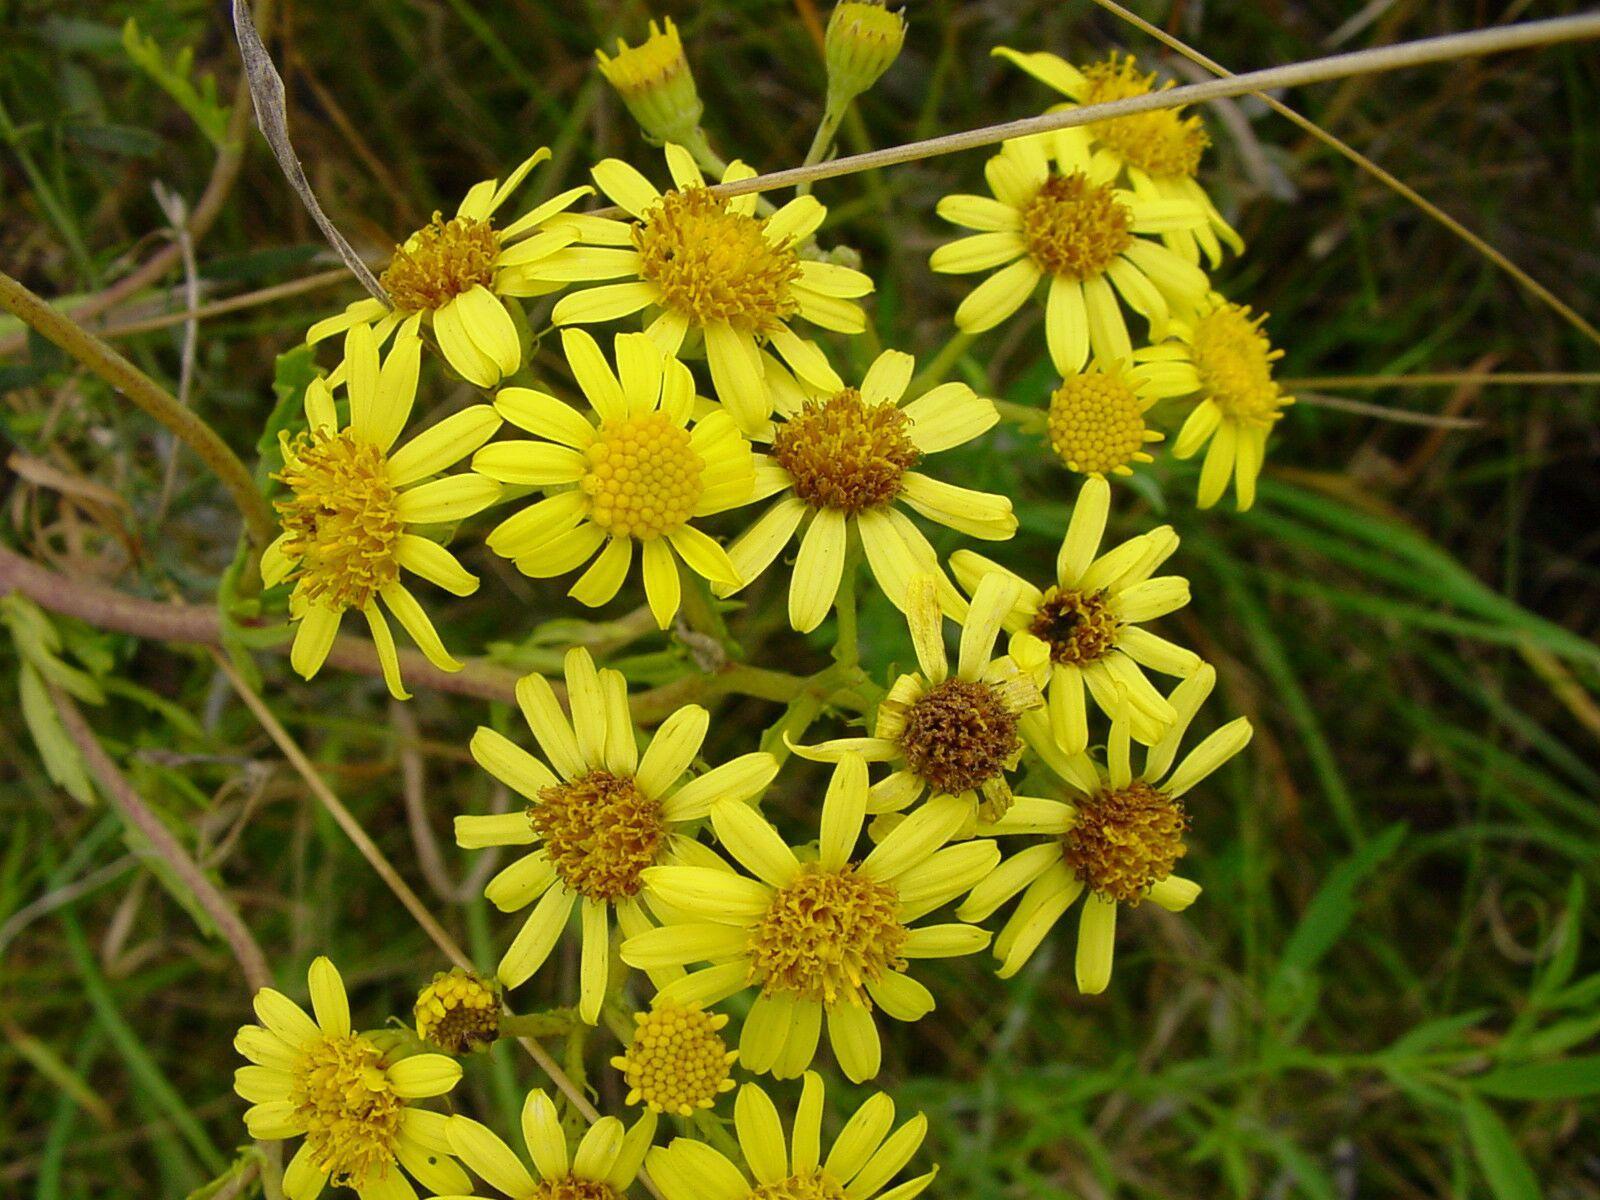 Kreuzkräuter sind mit ihren gelben Blüten eher unscheinbar.  Sie können leicht mit anderen Pflanzen wie z.B. der Kamille verwechselt werden.